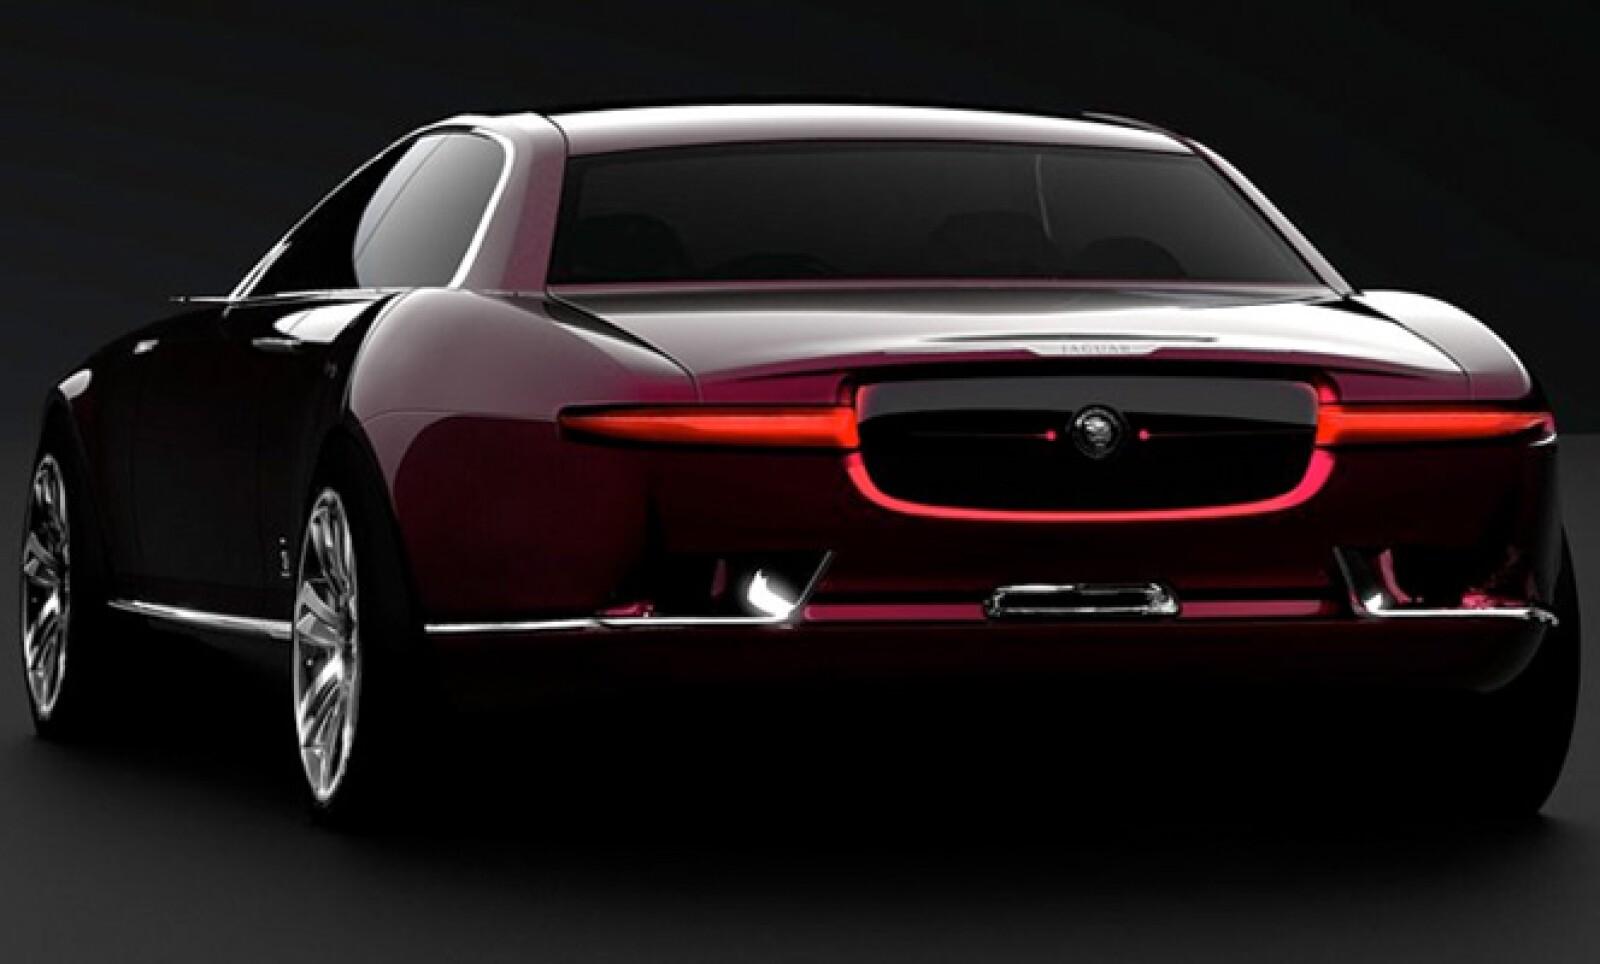 Un primer vistazo a una edición especial que planea Jaguar, para festejar el aniversario 100 de la marca Bertone.